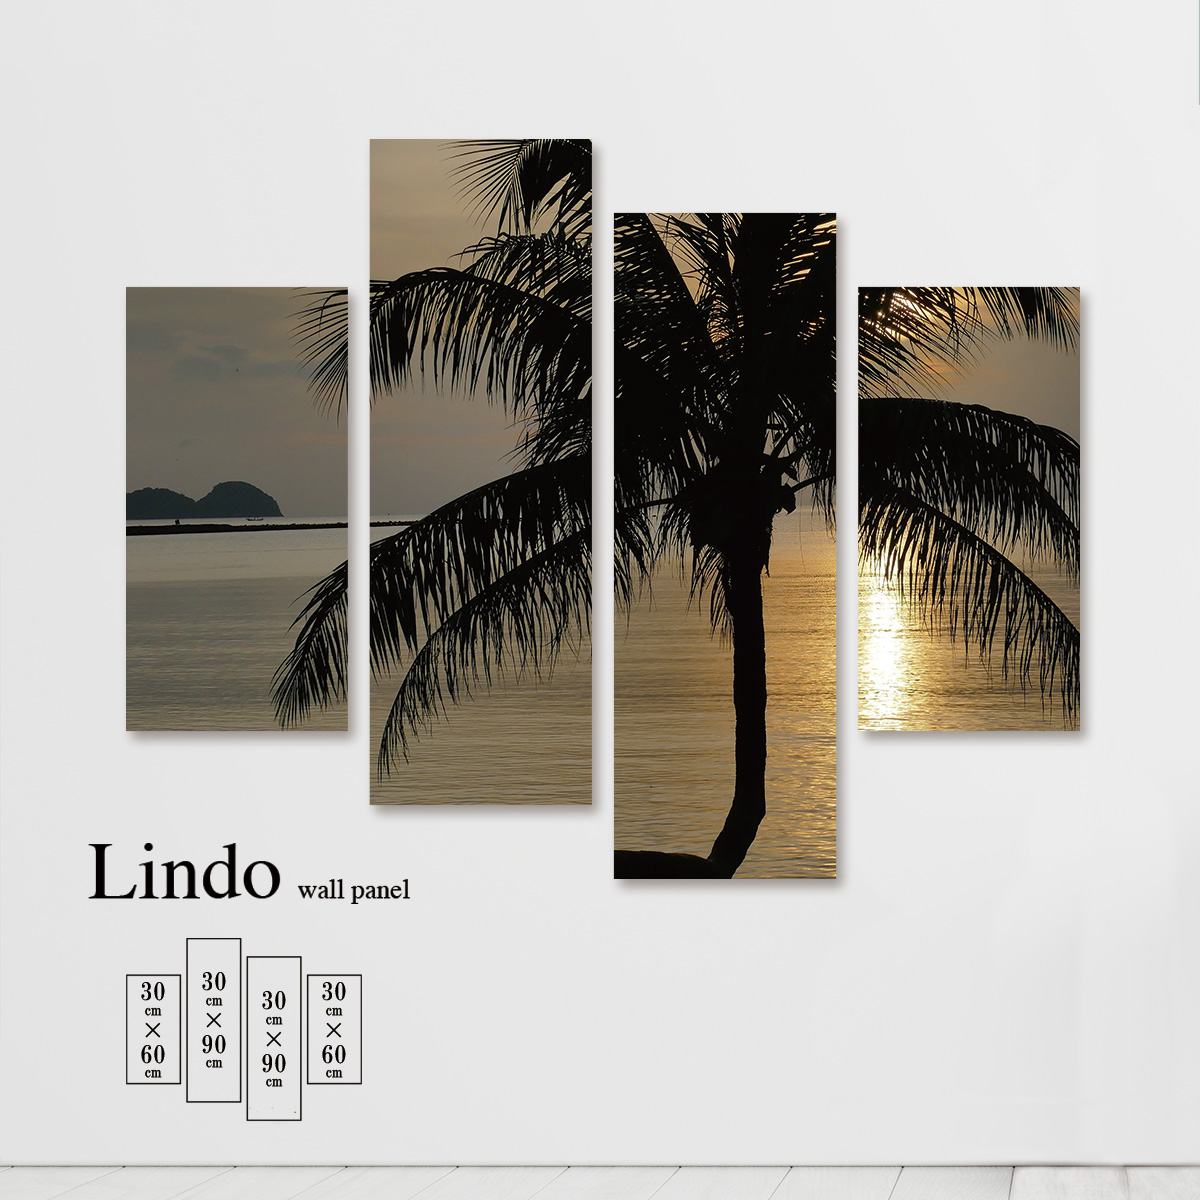 ファブリックパネル 海 海面 海岸 浜辺 ビーチ 風景 景色 ヤシ 夕暮れ 壁掛け 北欧 お洒落 デザイン アート 壁飾り アートボード 4枚パネル